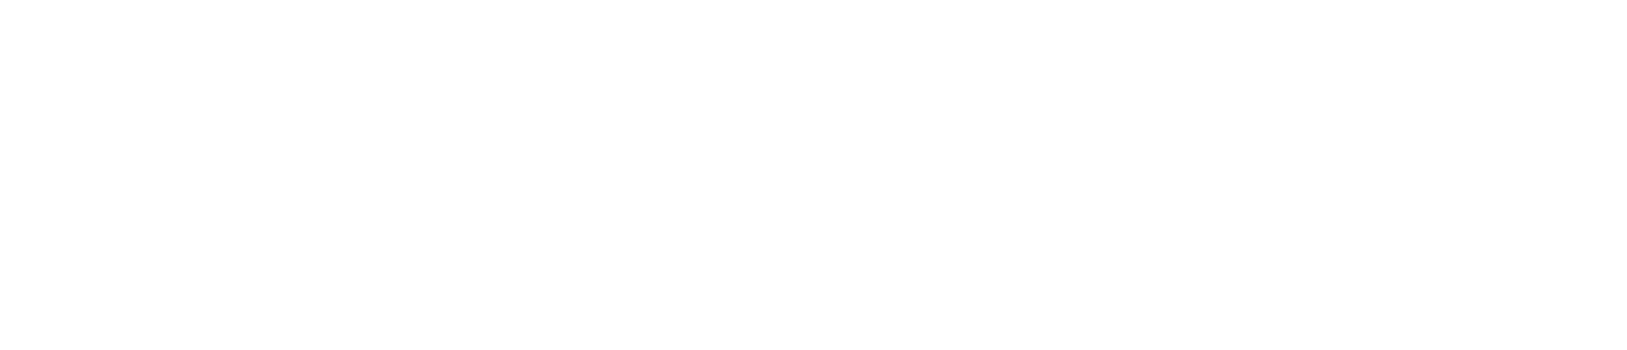 boomerangs_logo_white.png